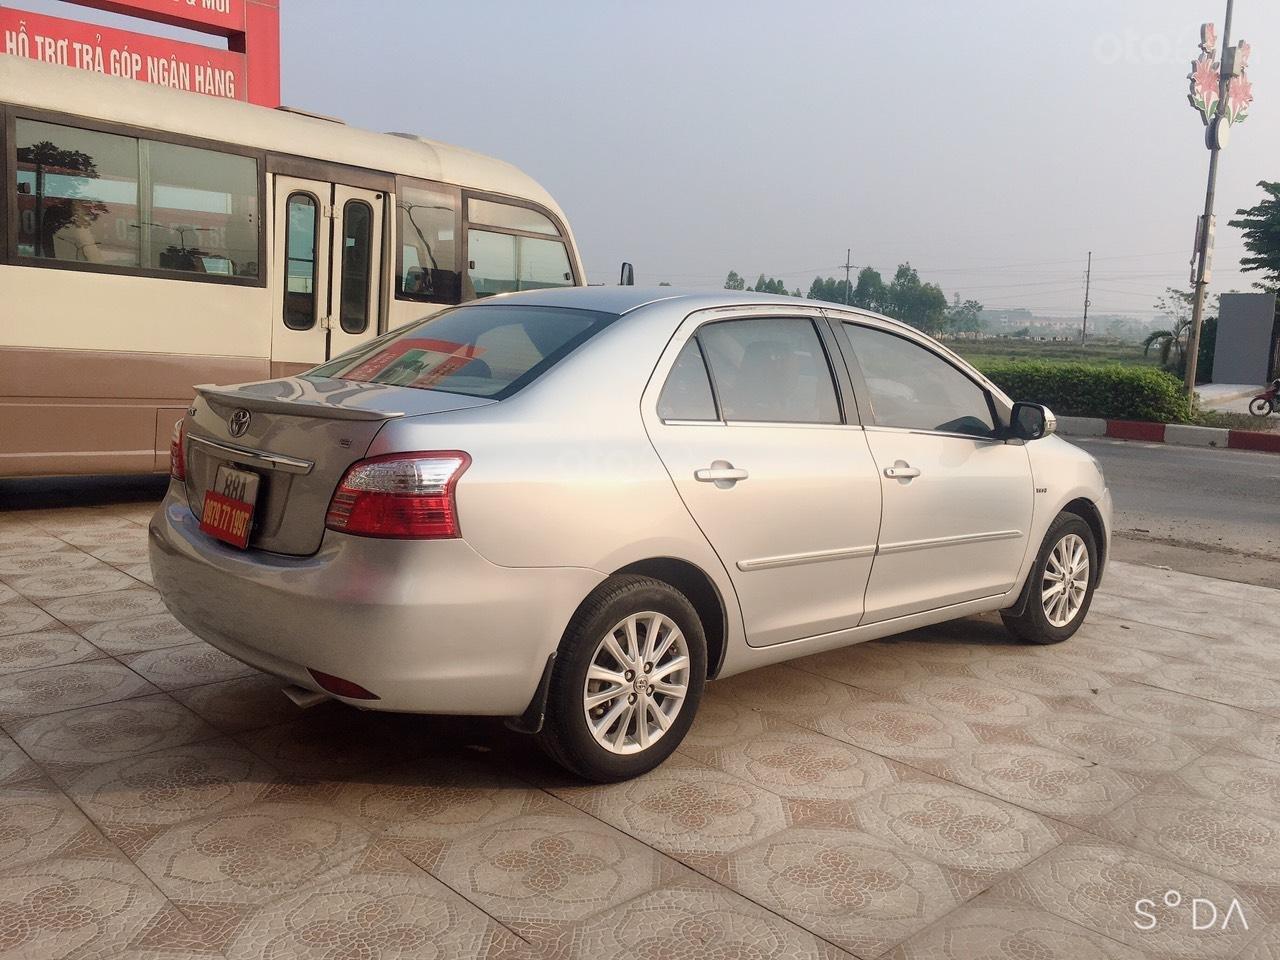 Bán Toyota Vios đời 2010 giá cực rẻ (6)